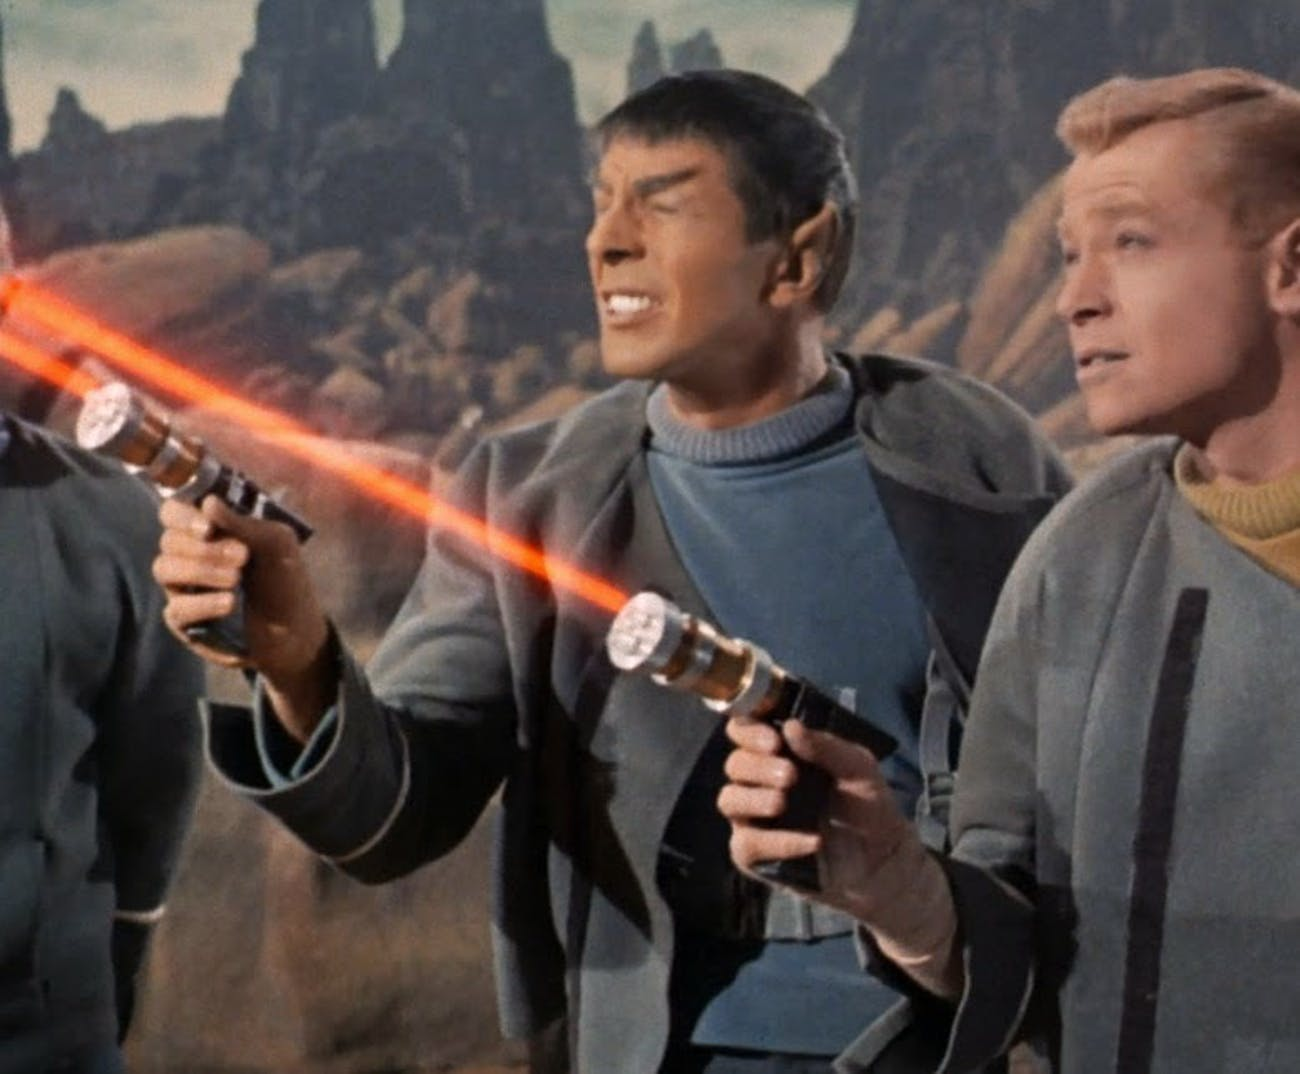 Image result for science fiction laser